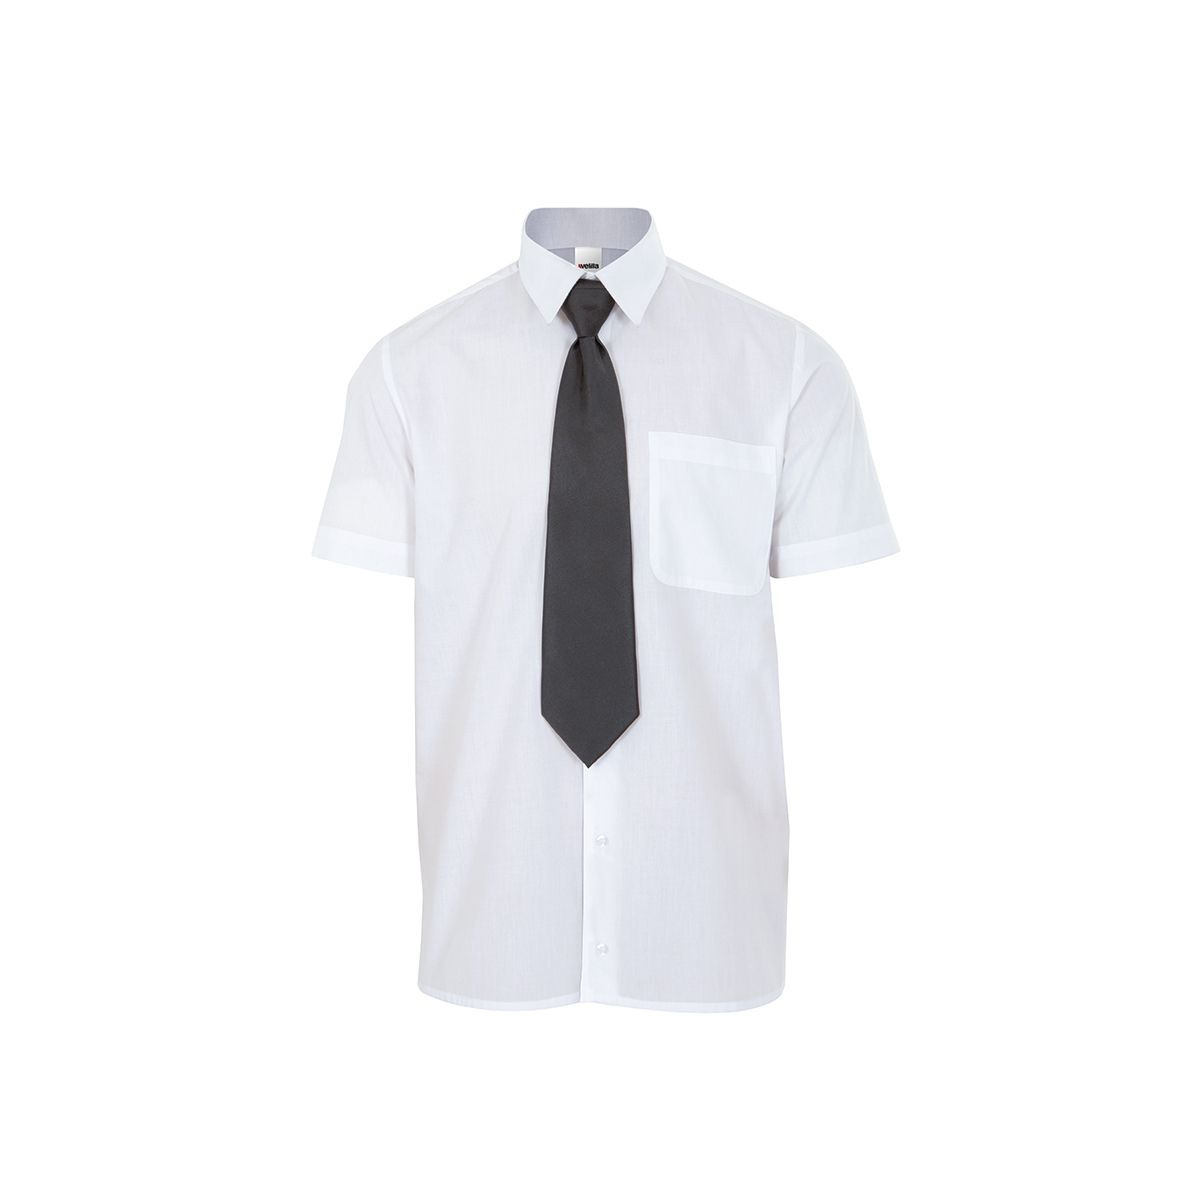 Corbata con nudo hecho (ref: 52)